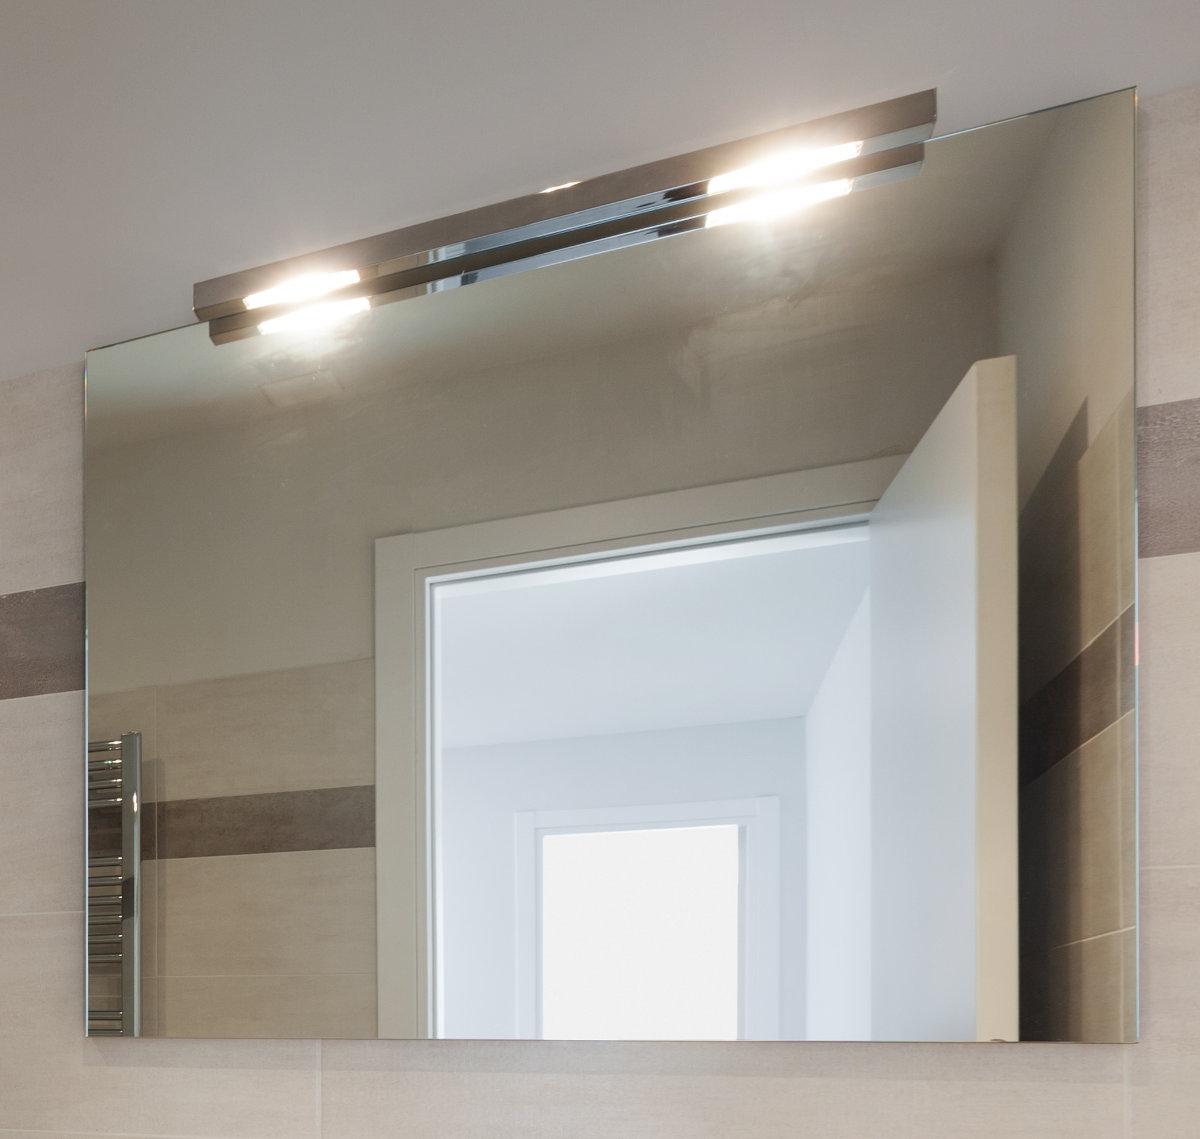 Spiegel beleuchtet